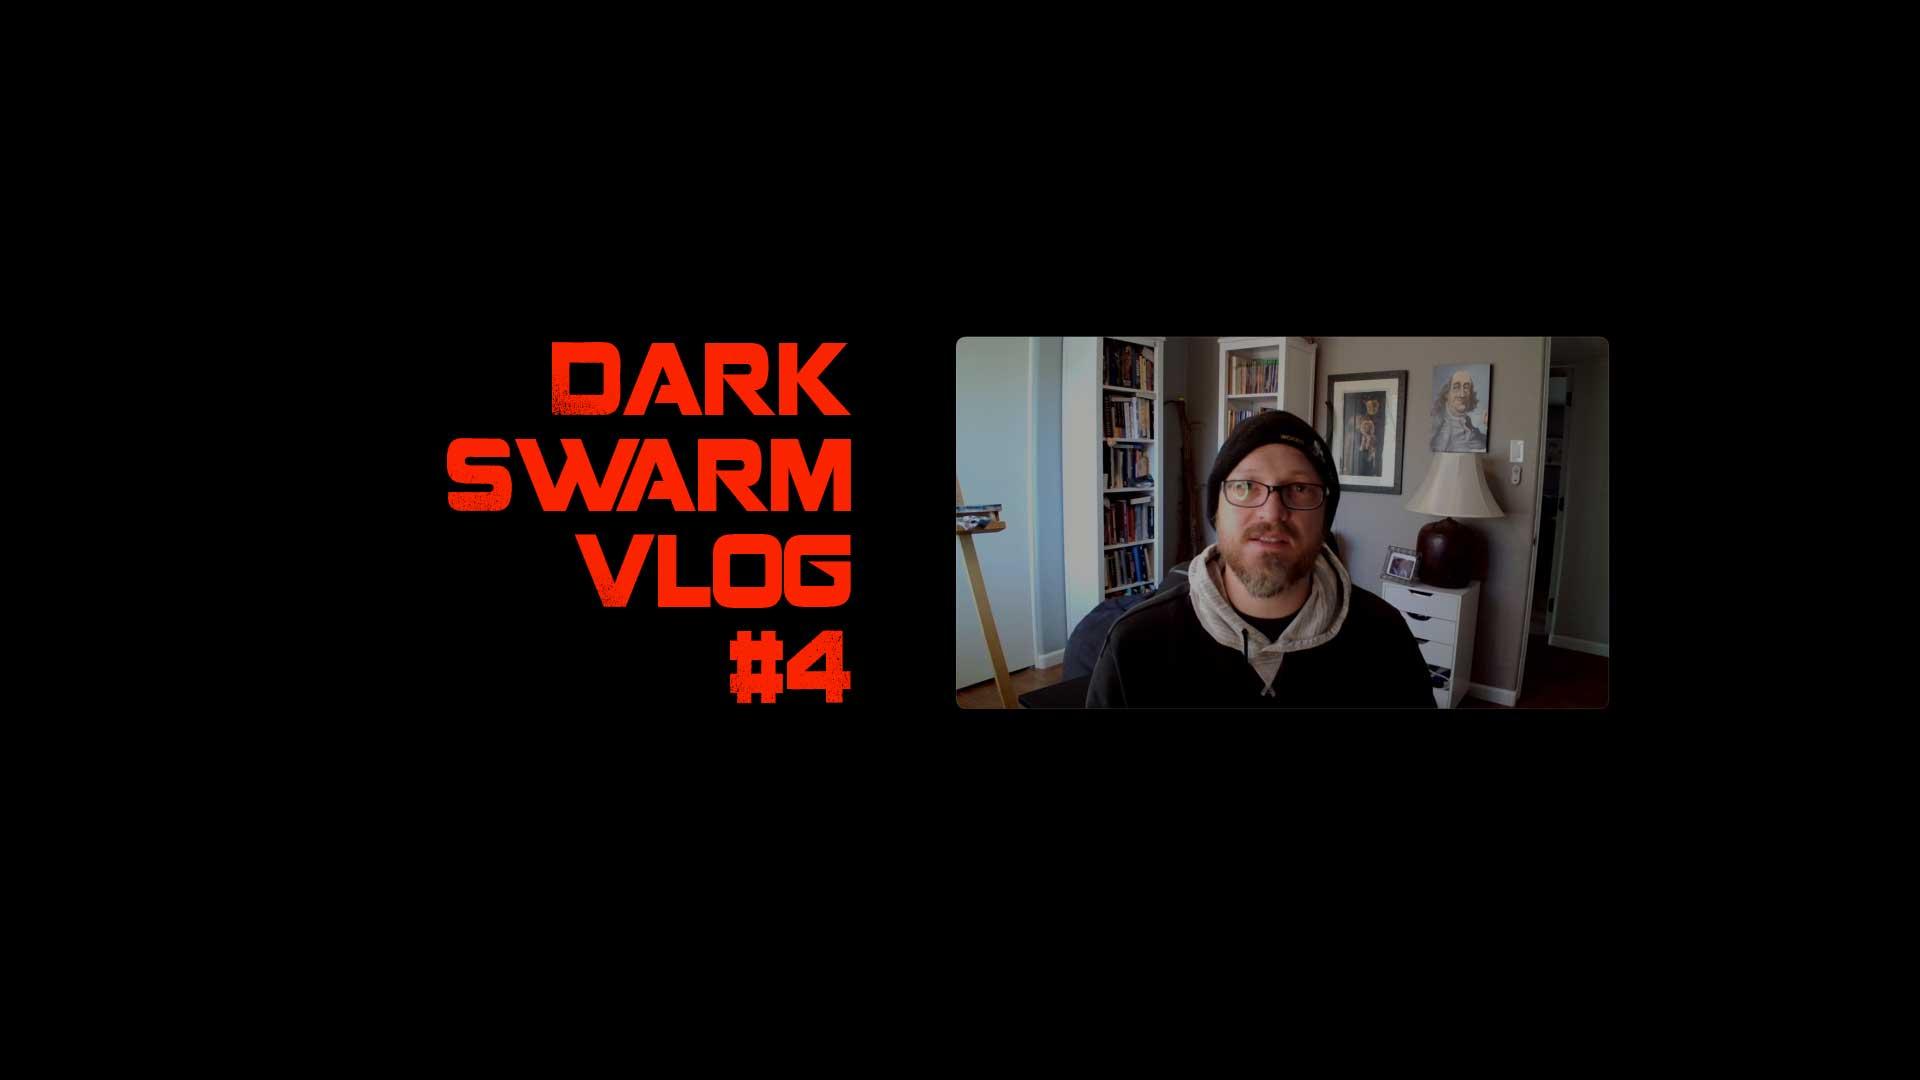 dark swarm vlog 4 by anderson atlas